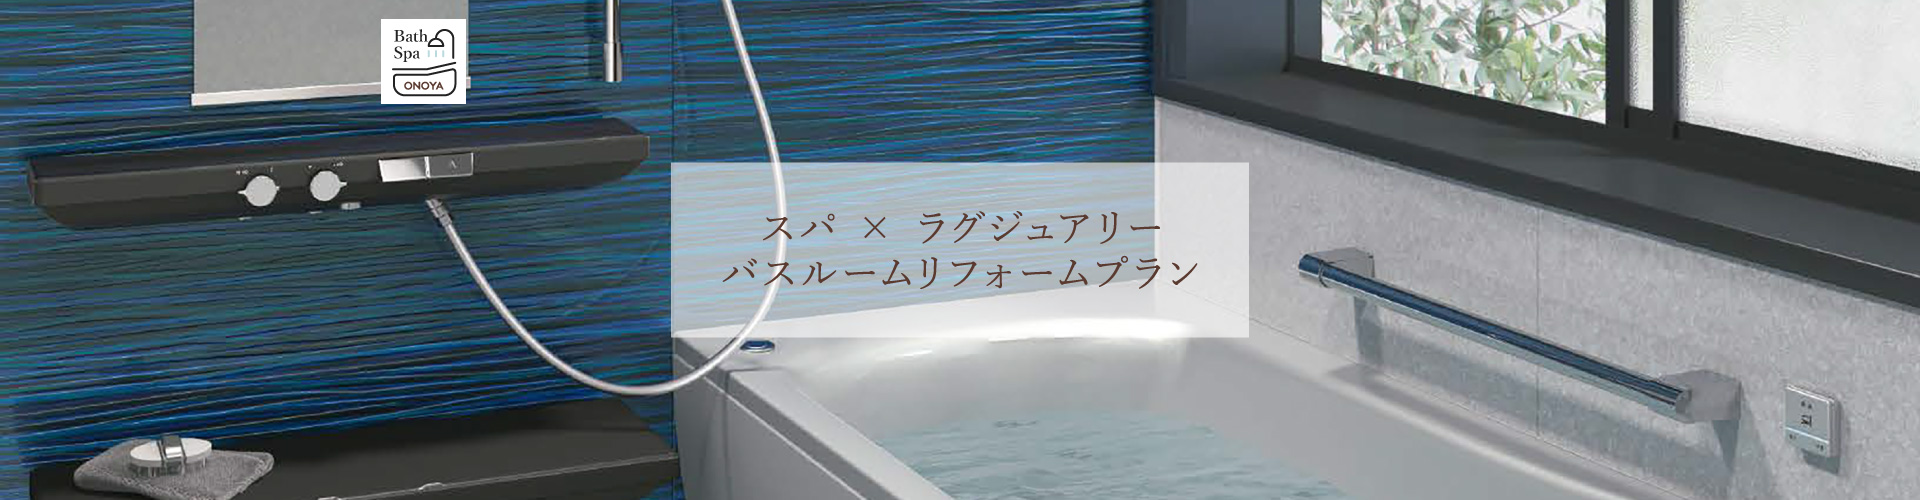 お風呂・バスルームのリフォームならONOYA東京吉祥寺ショールーム